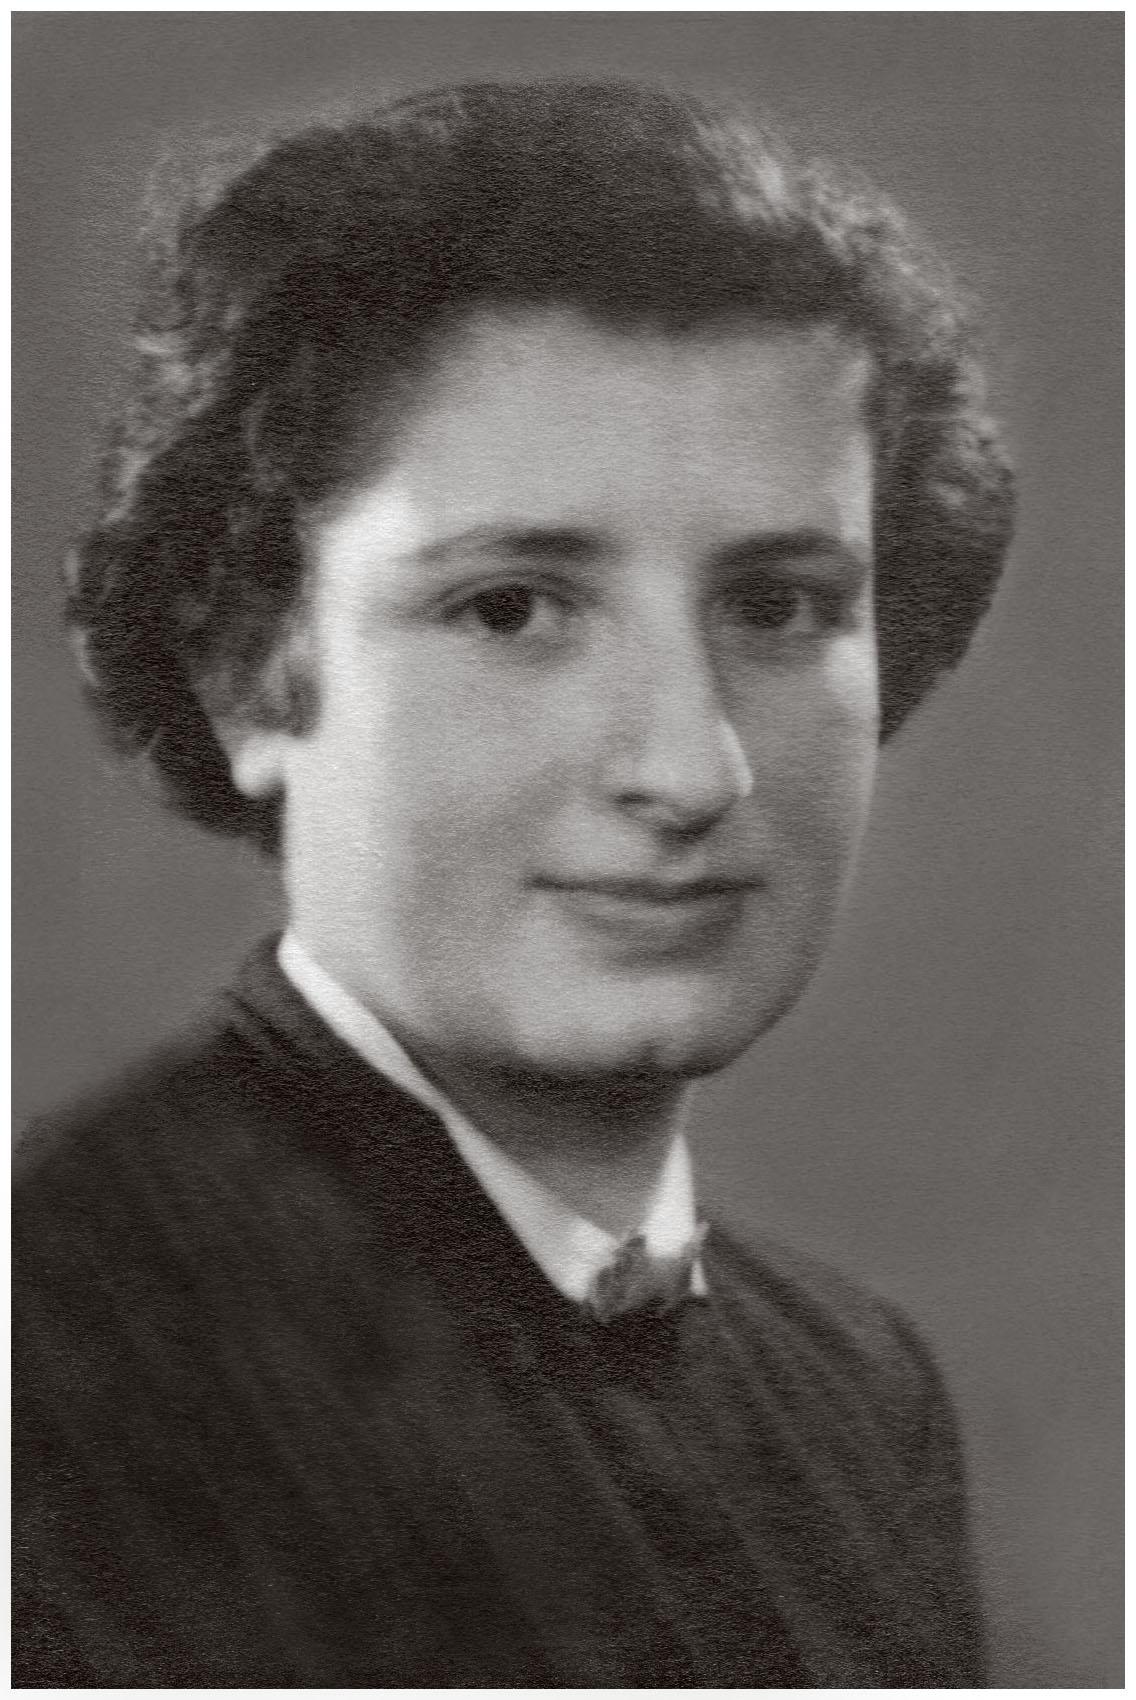 Lotte Nussbaum 1920-ca1942